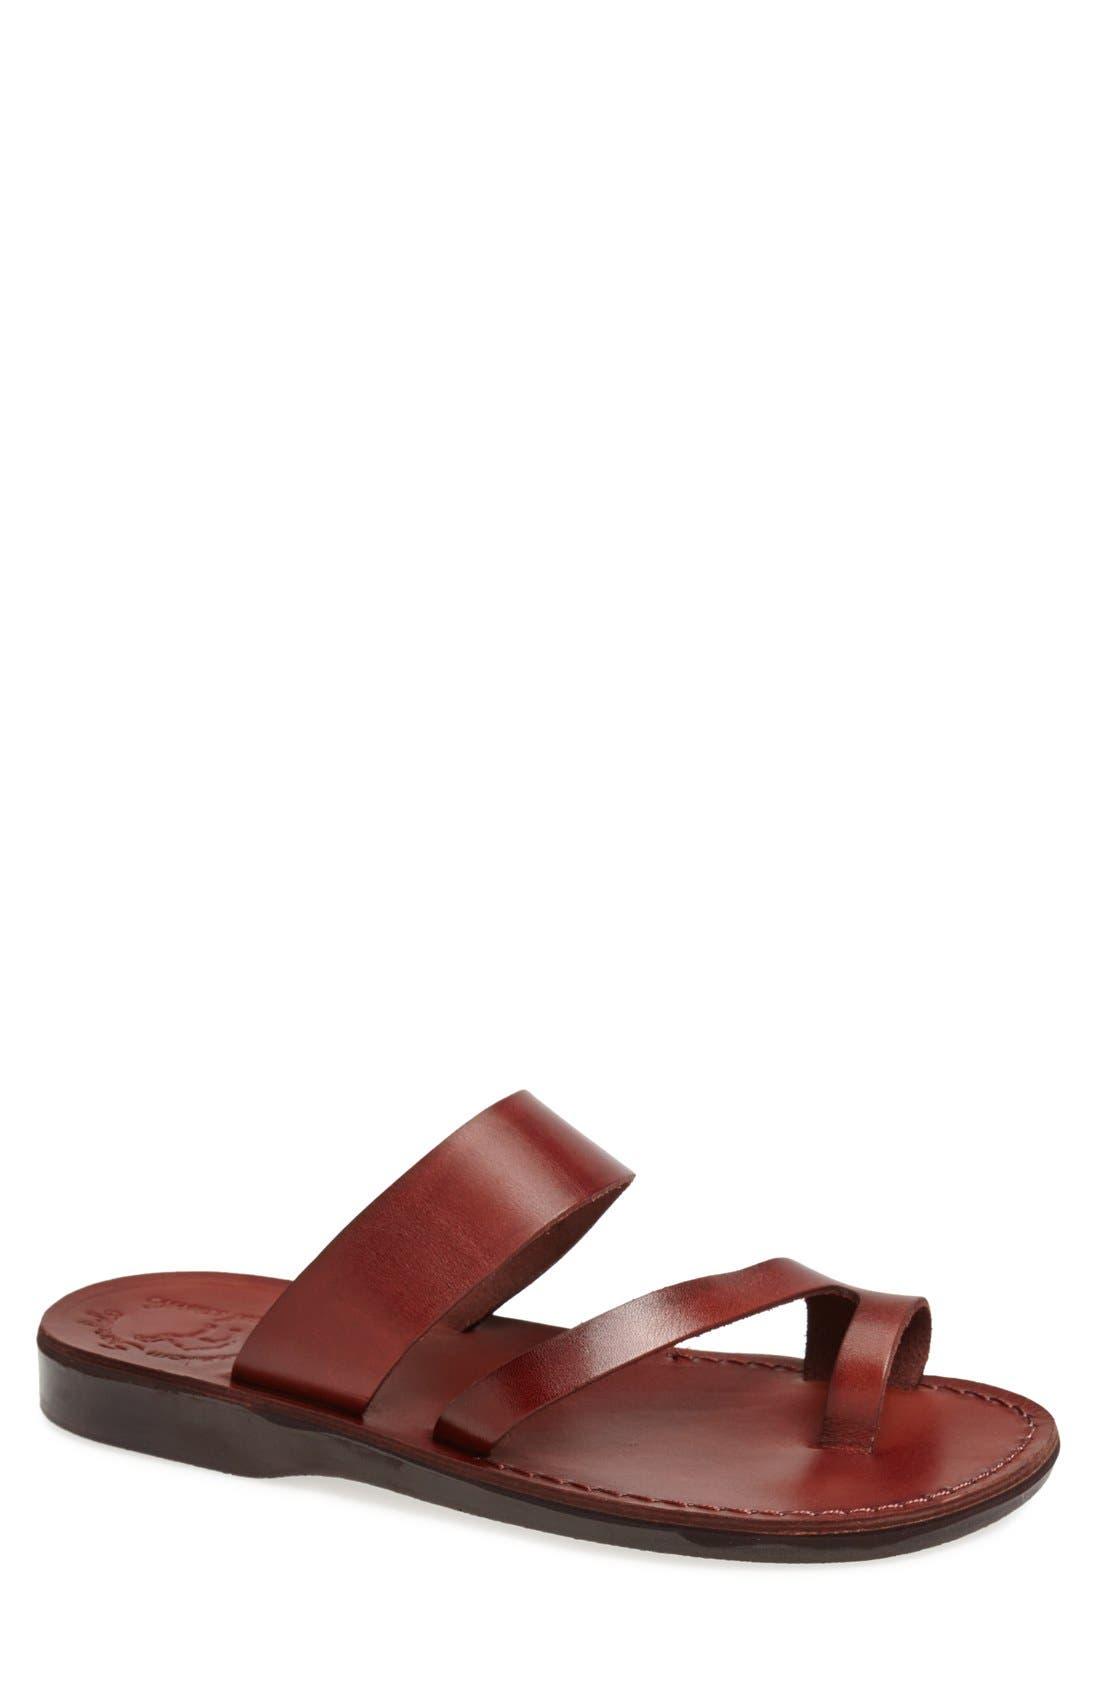 2132c62d45f2 Jerusalem Sandals